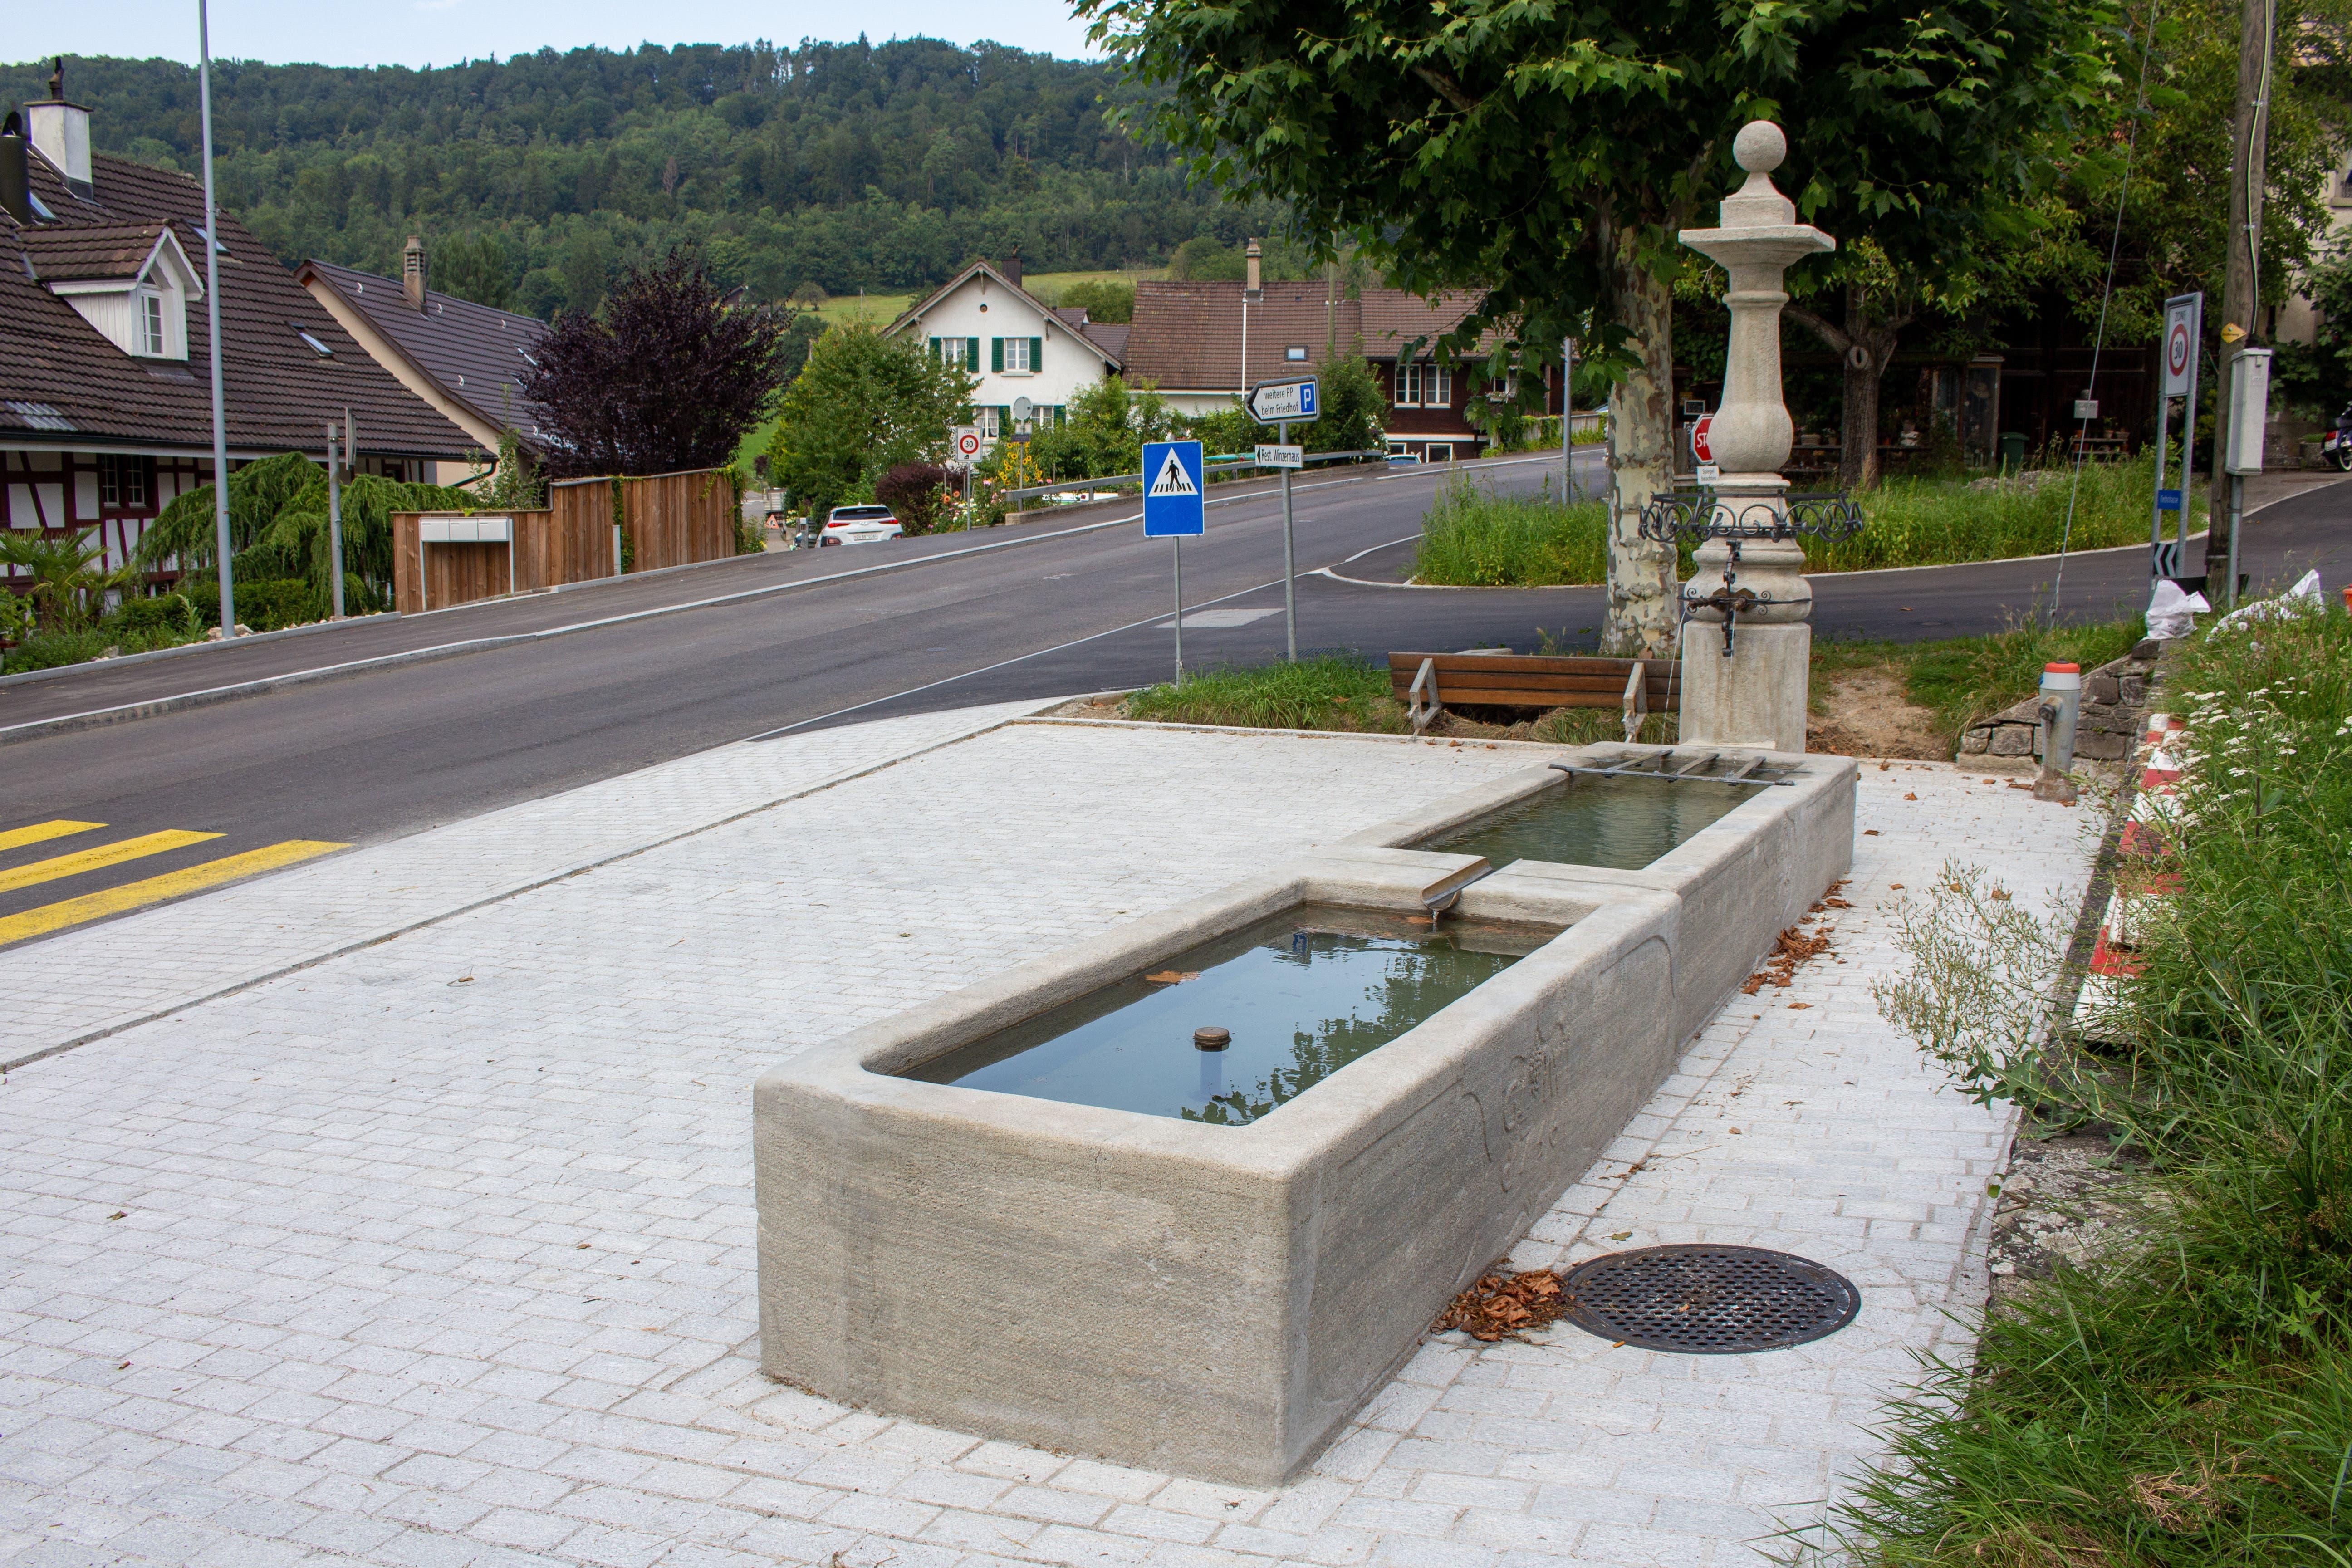 Die drei Dorfbrunnen werden von Leo Niggli in seiner Weininger Chronik erwähnt. Der Oberdorfbrunnen steht an der Kreuzung der Kirchgasse und der Regensdorferstrasse und trägt auf den Trögen die Jahrgänge 1755 und 1756.